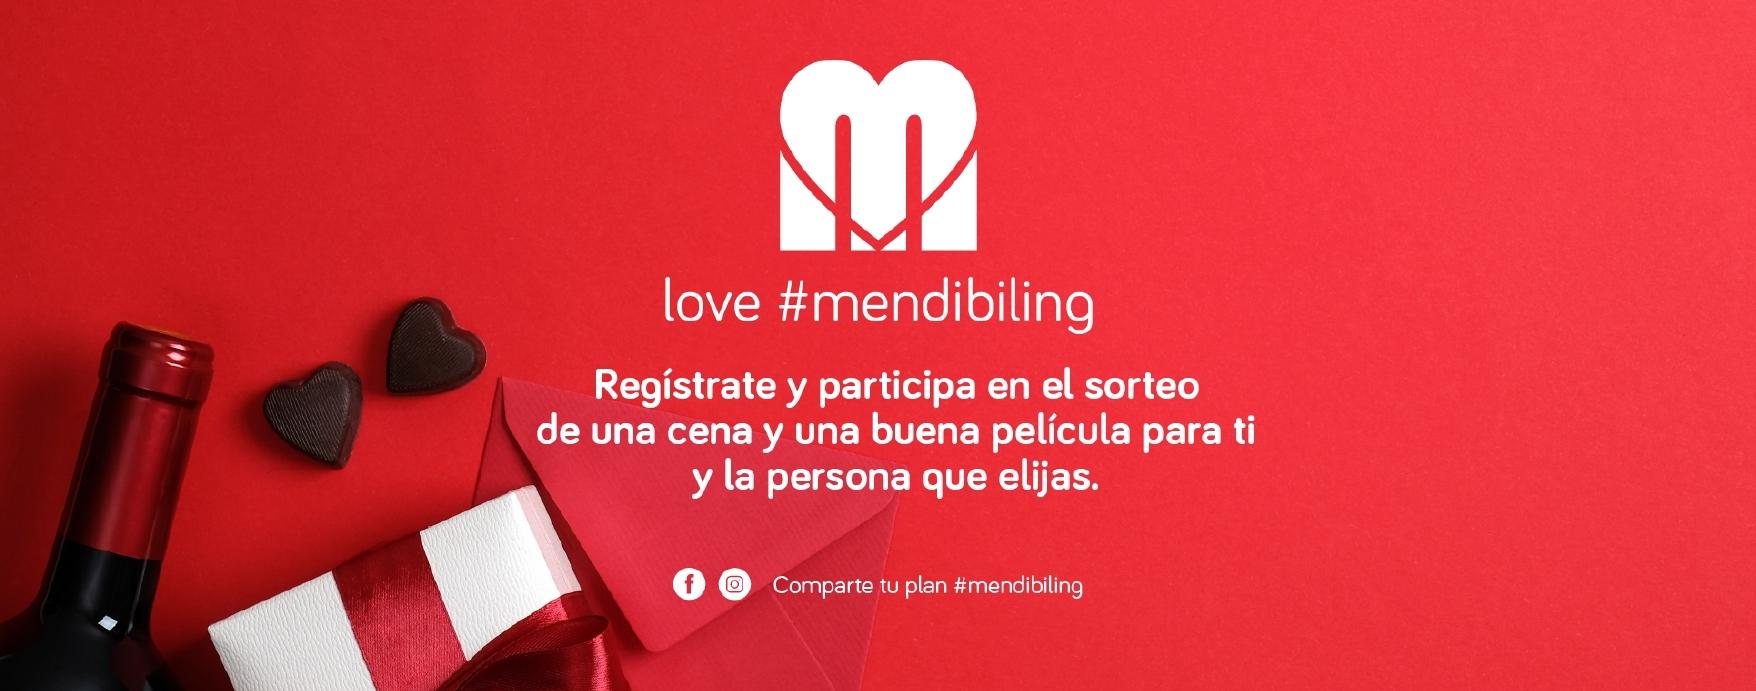 love #mendibiling